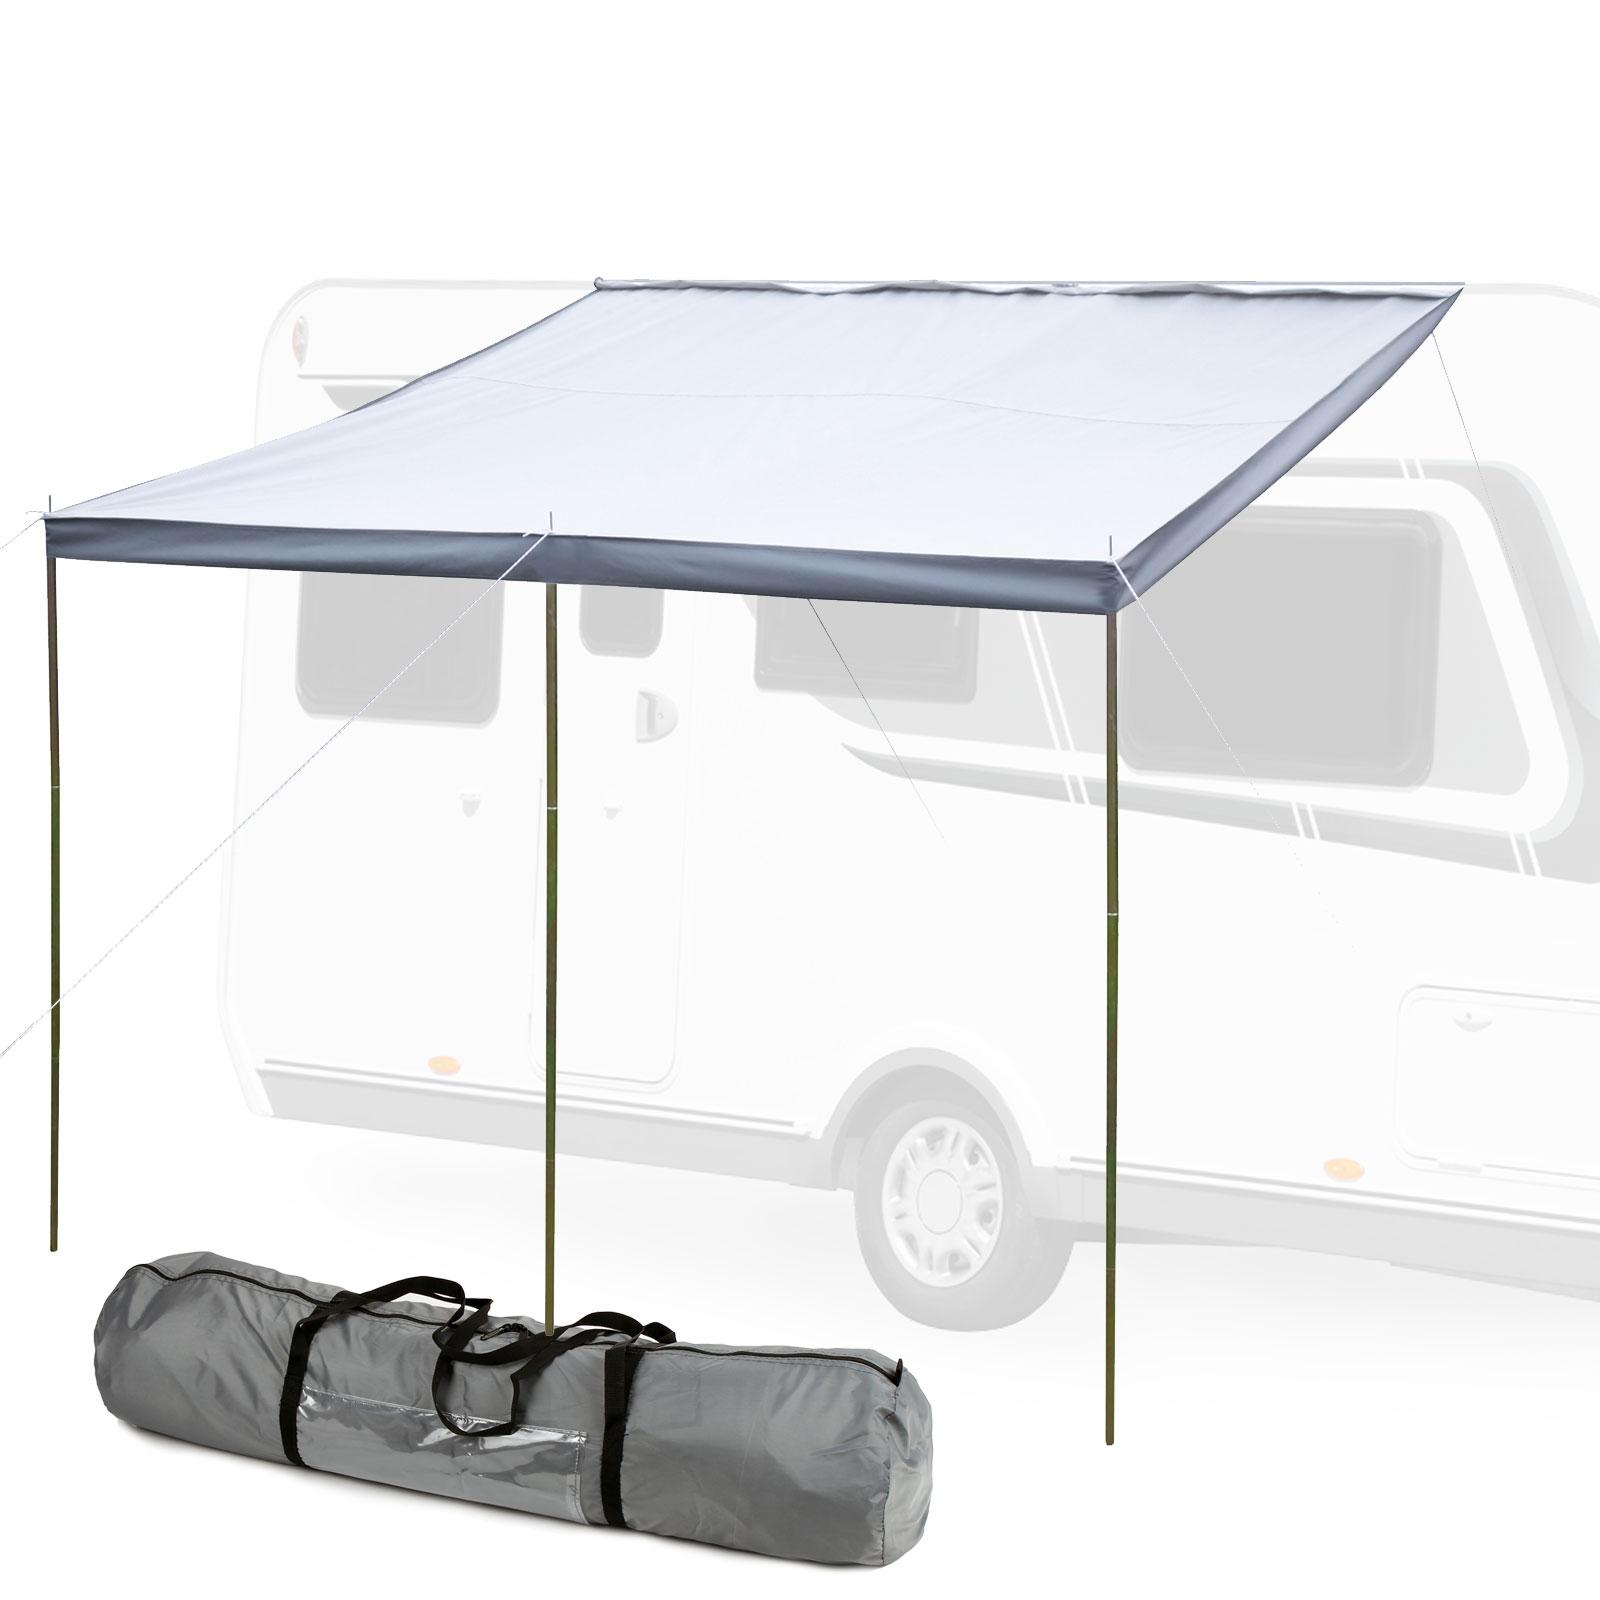 sonnensegel sunny 300 f r keder 7 mm 300x240cm inkl. Black Bedroom Furniture Sets. Home Design Ideas